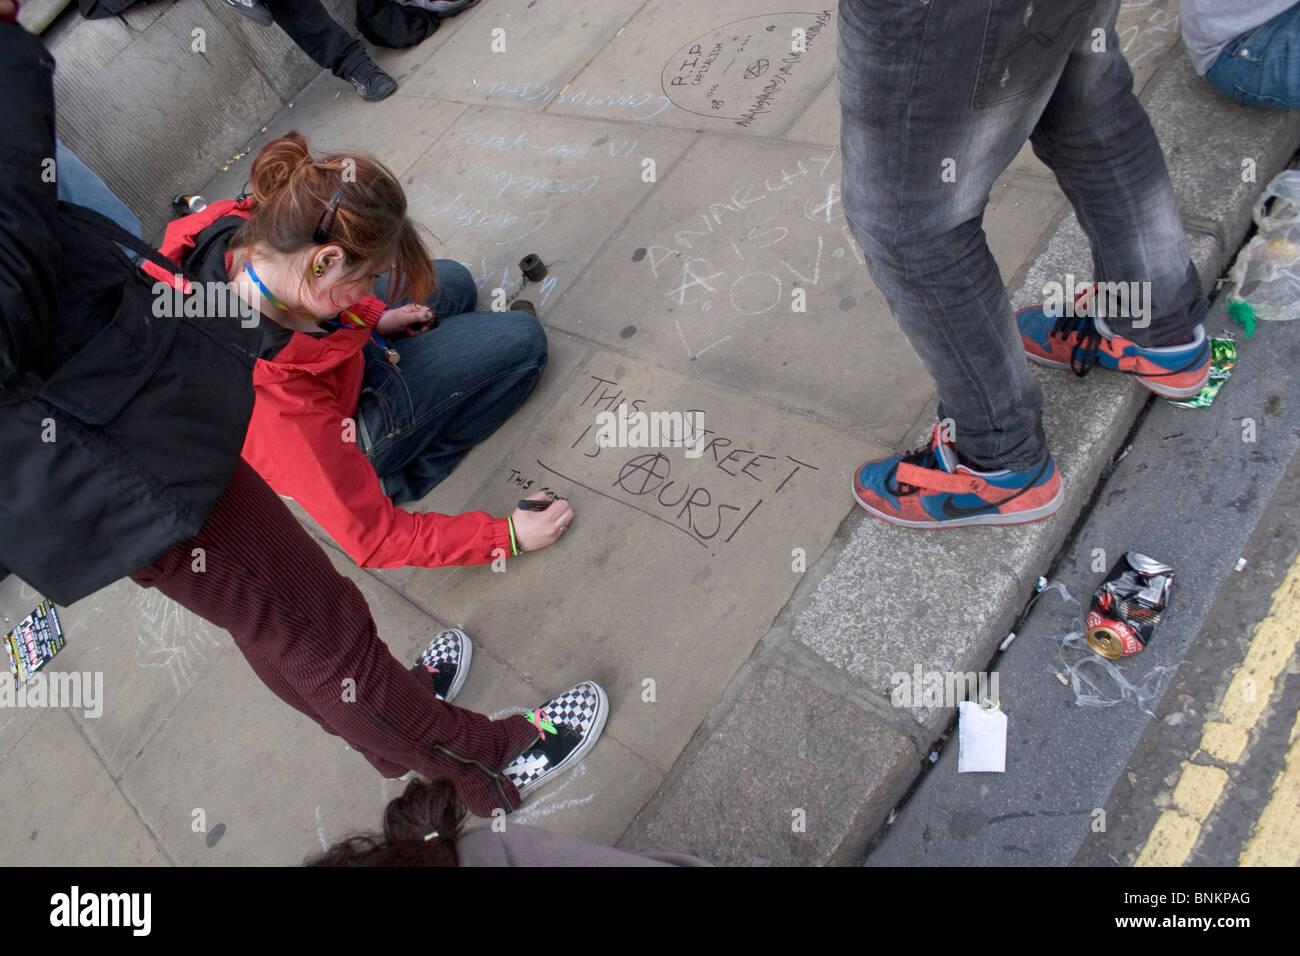 """Girl écrit """"Cette rue est la nôtre' sur le trottoir devant la Banque d'Angleterre au cours Photo Stock"""